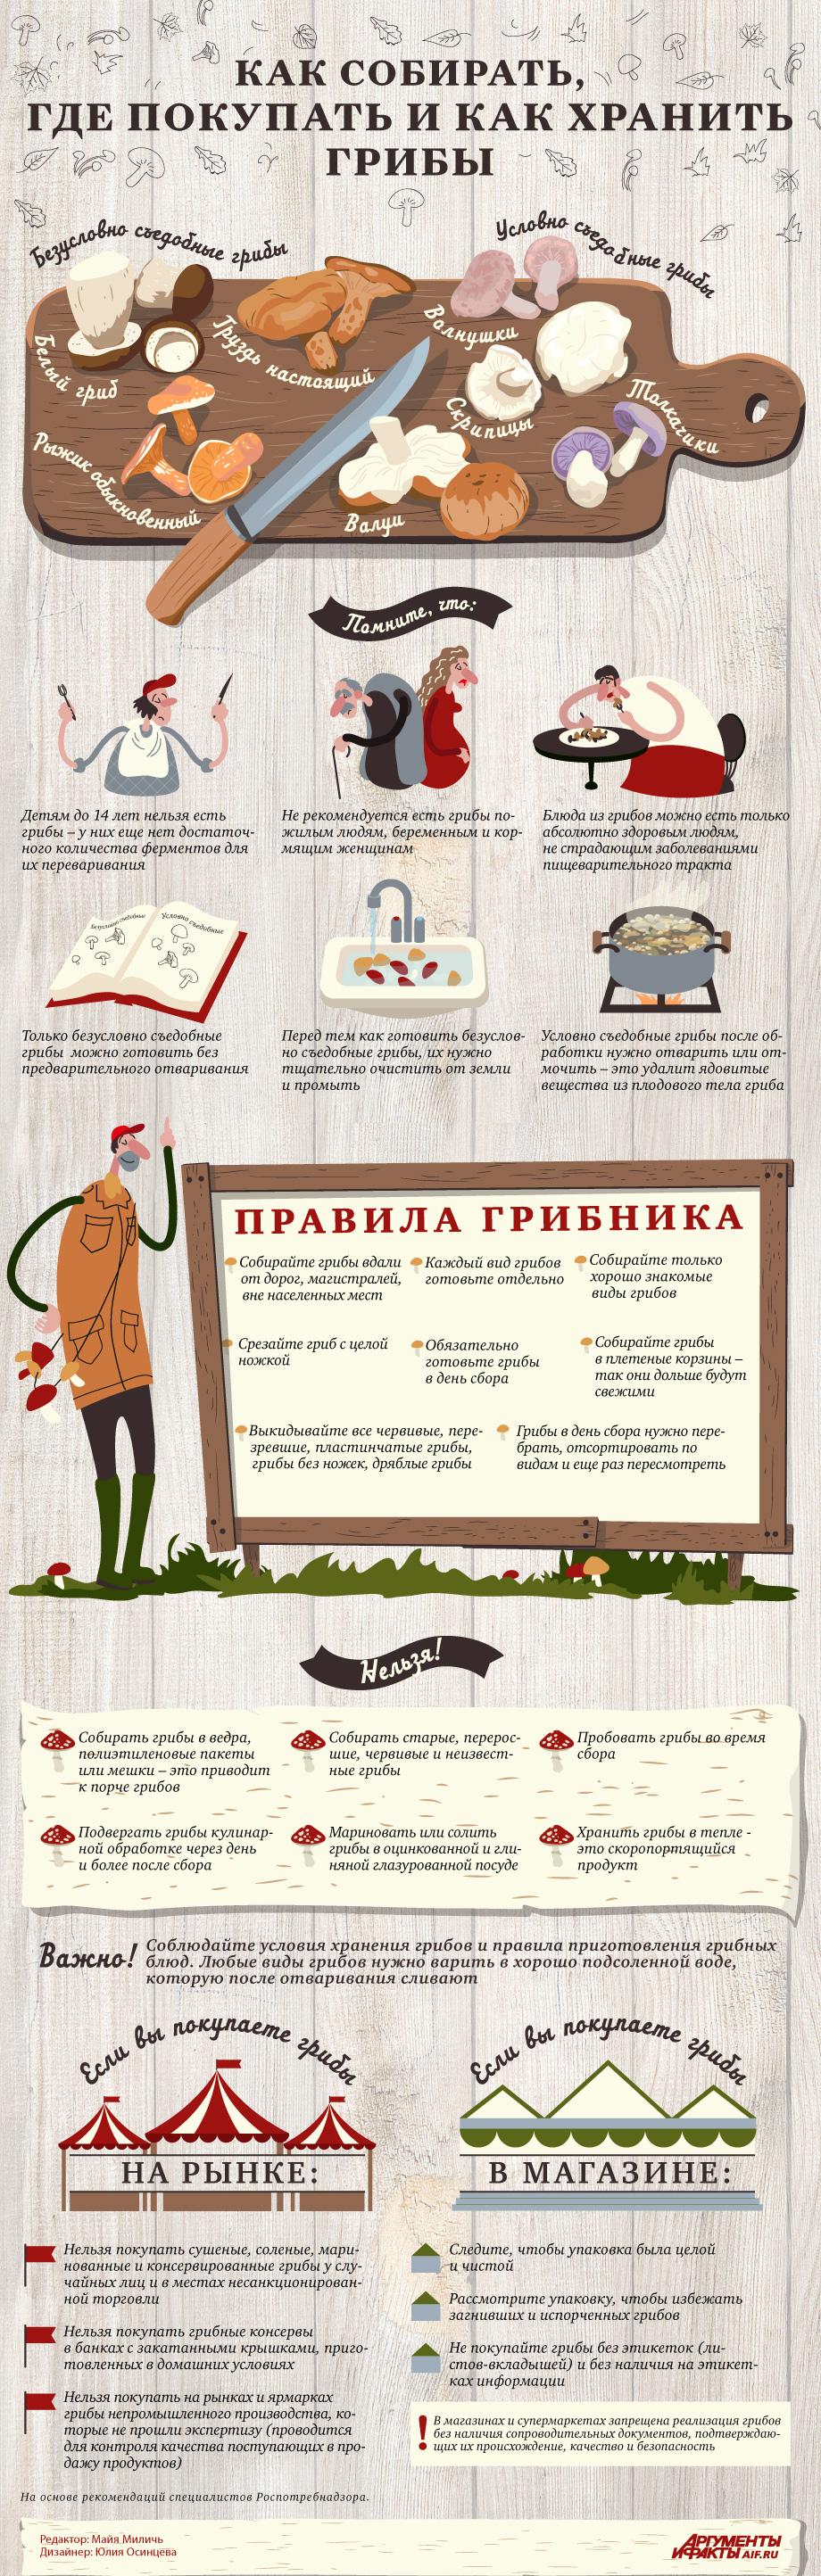 Картинка взята с сайта Роспотребнадзора.